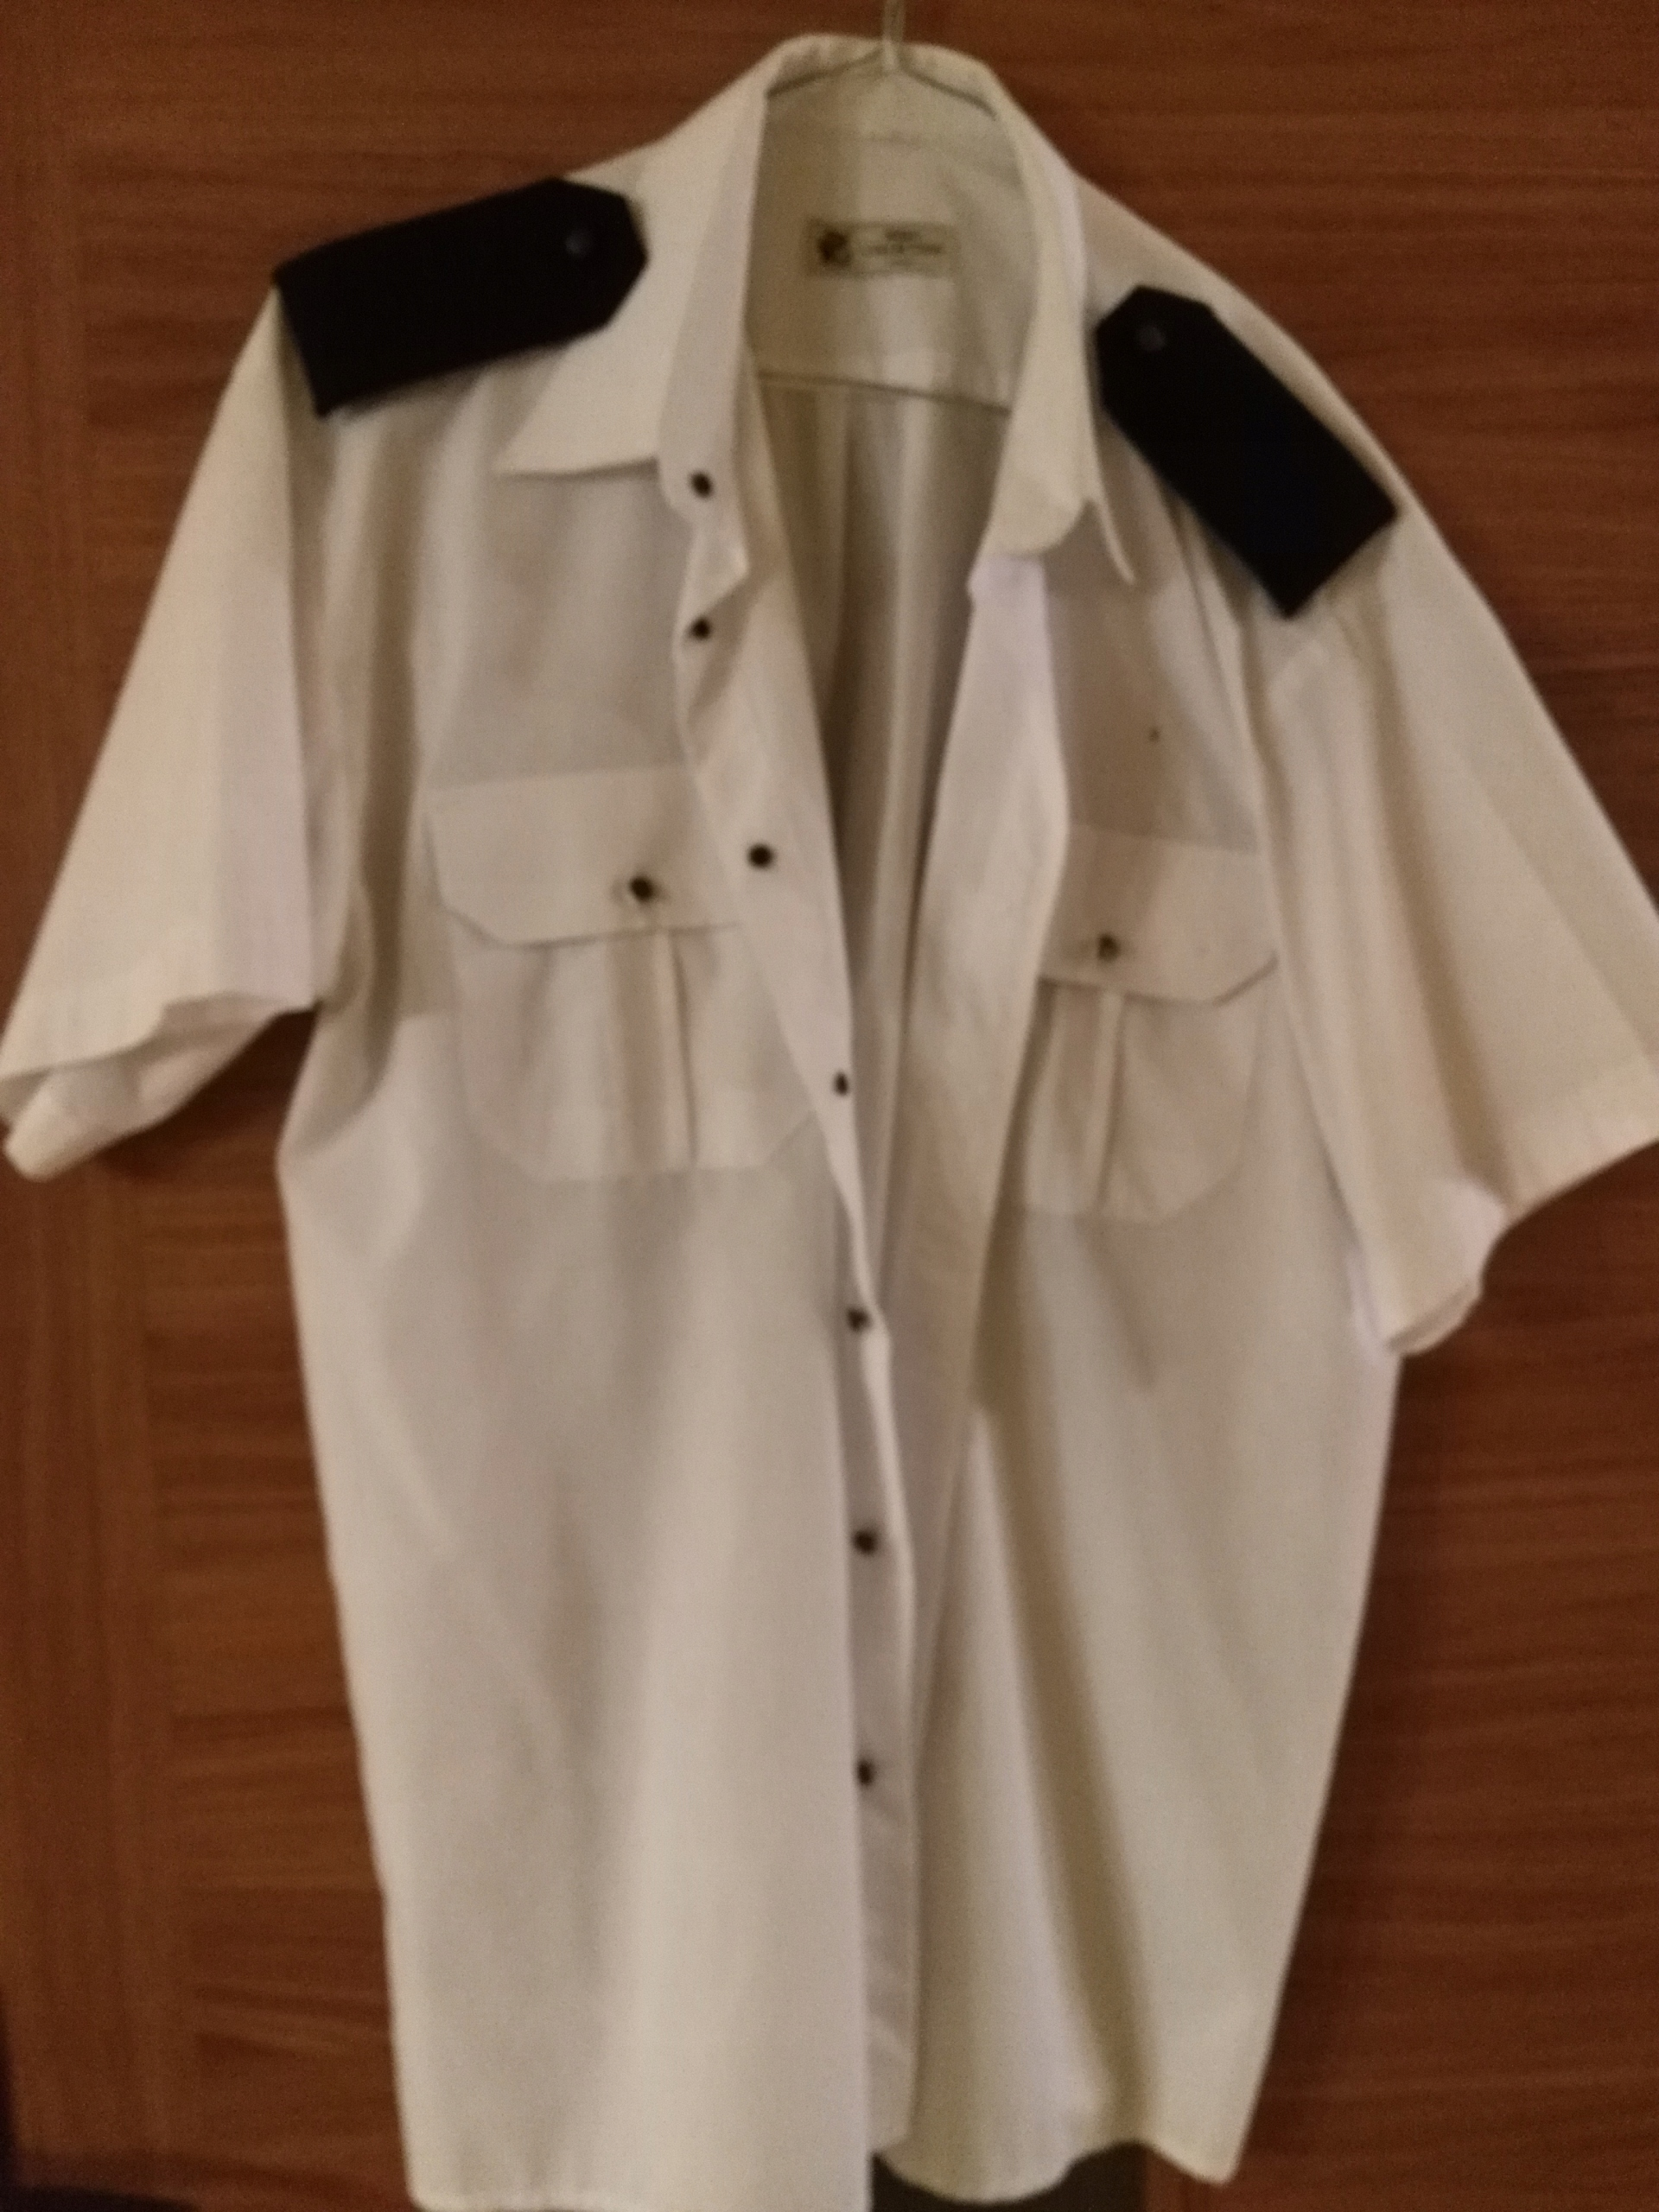 8a170fdf71f51 koszula marynarki wojennej - 7688578861 - oficjalne archiwum allegro